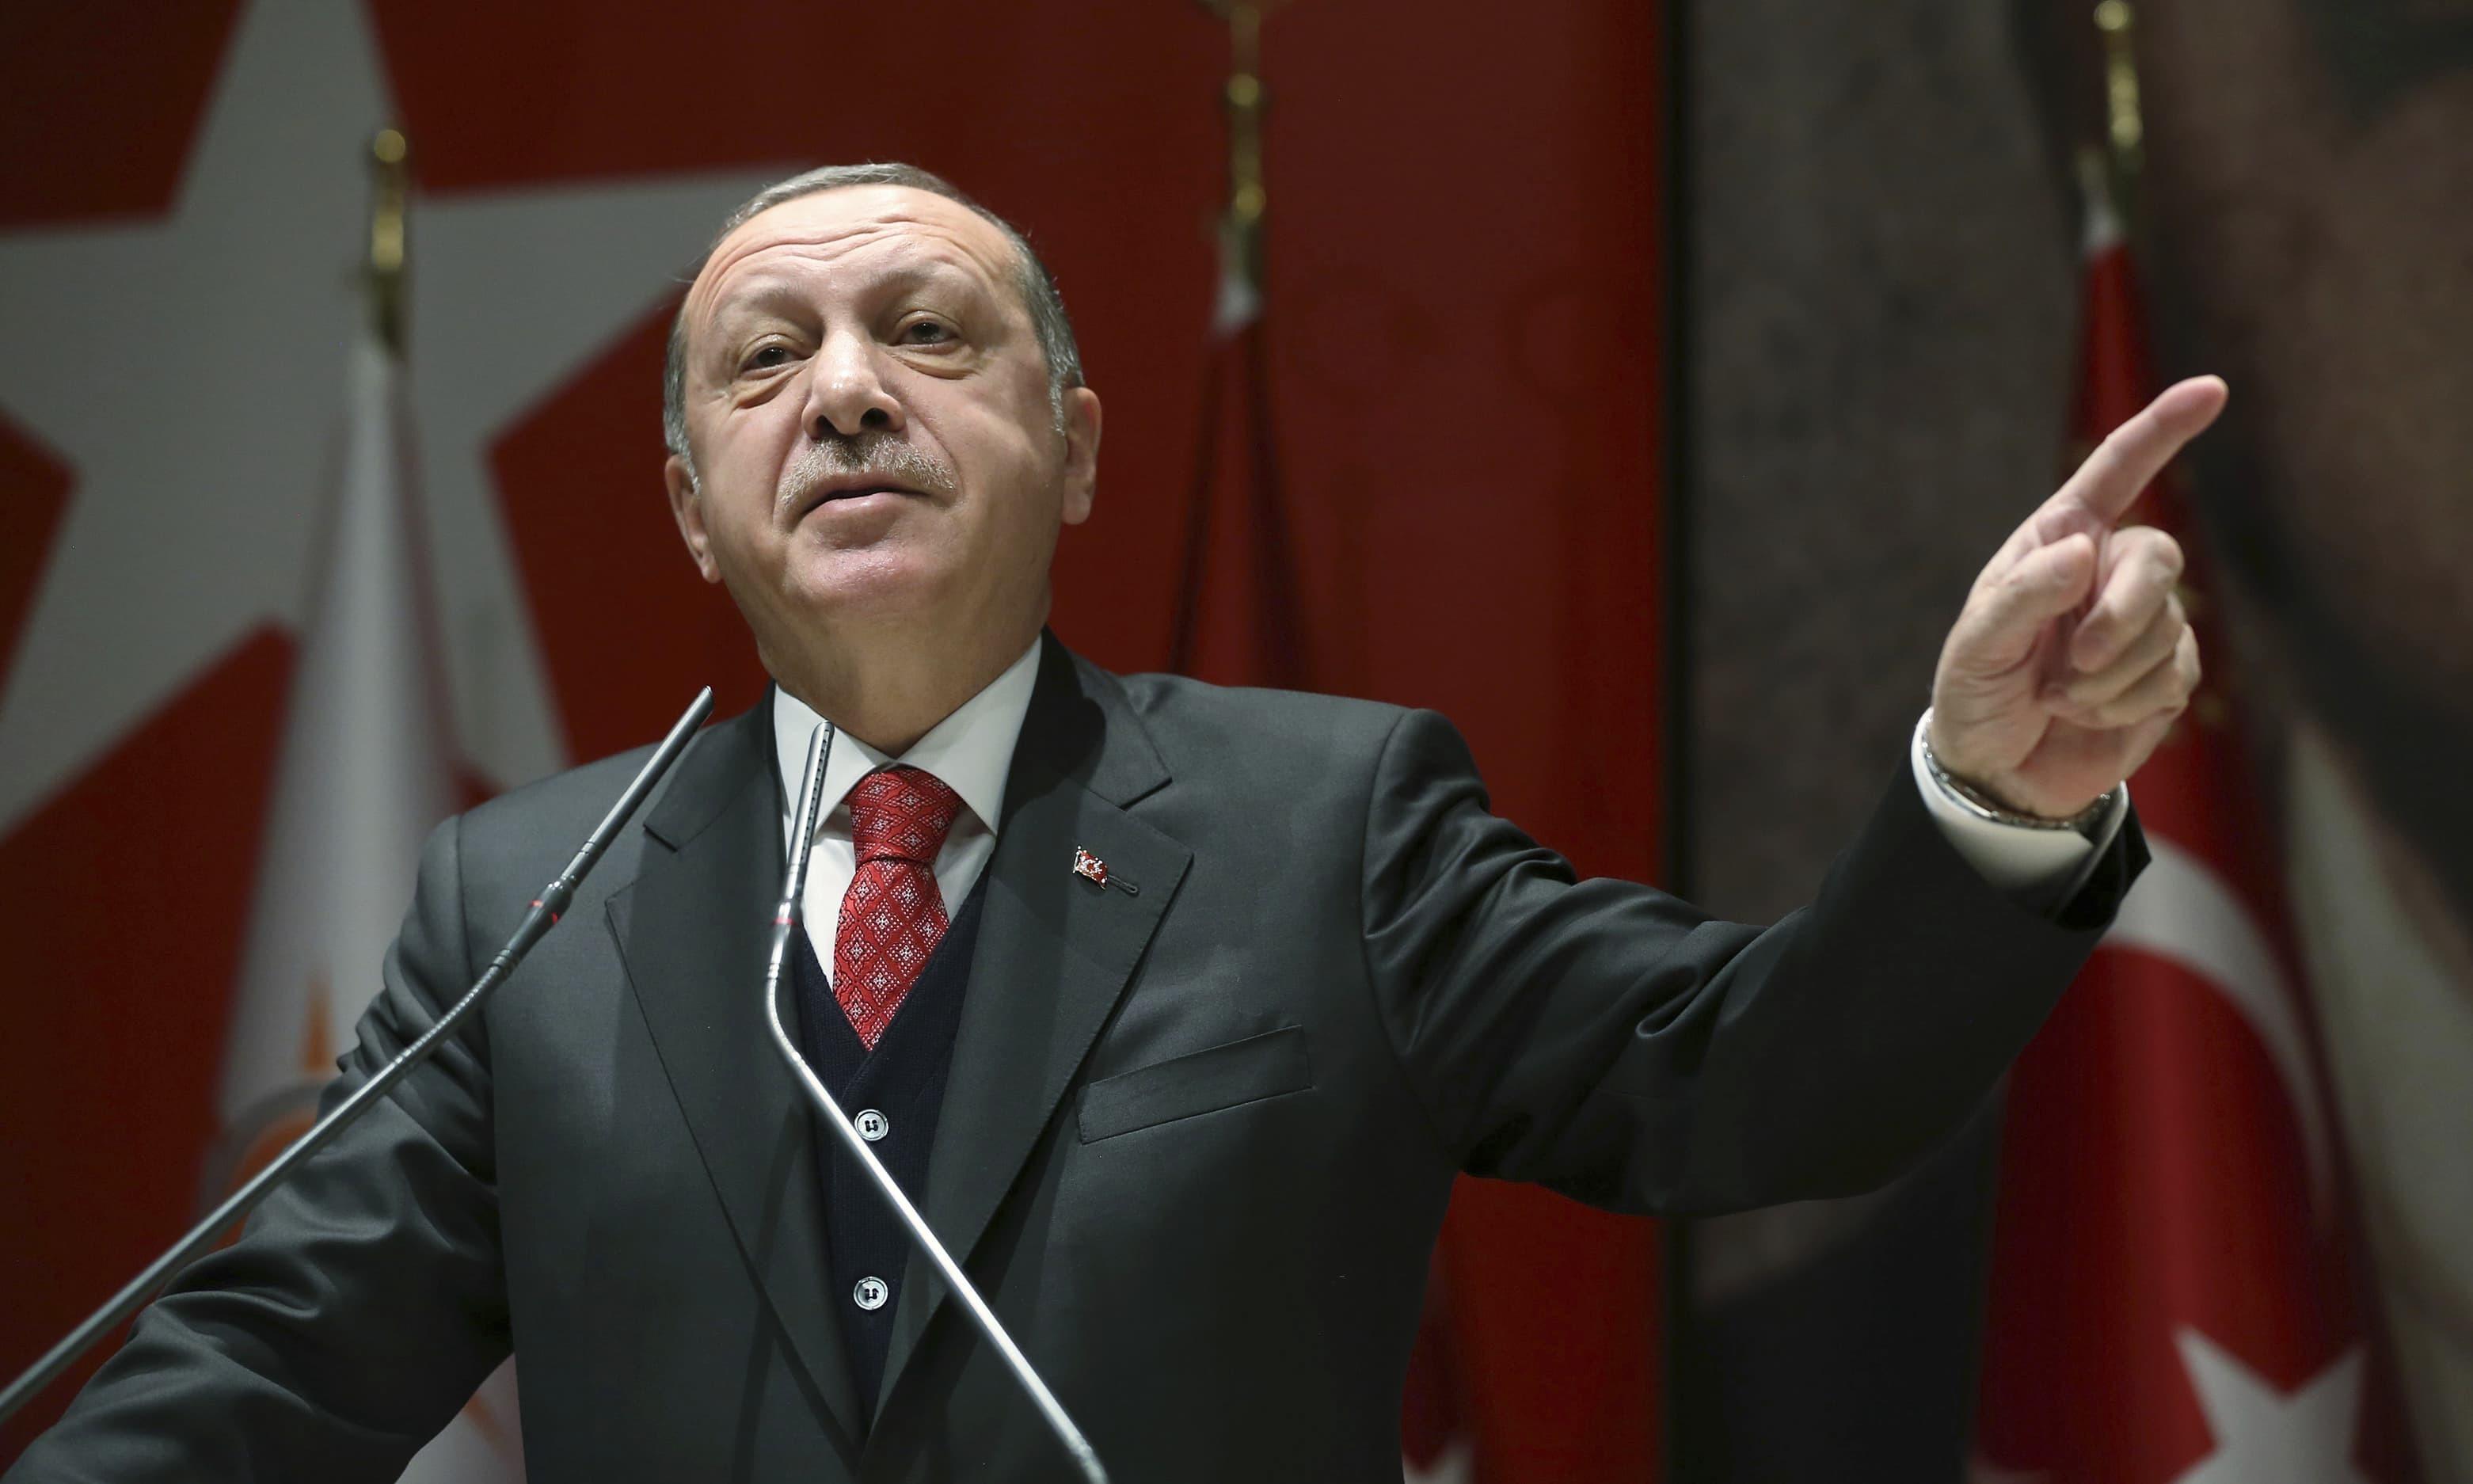 طیب اردوان نے وائی پی جی اور ترکی کے درمیان مصالحت کو بھی مسترد کردیا—فائل/فوٹو:اے پی